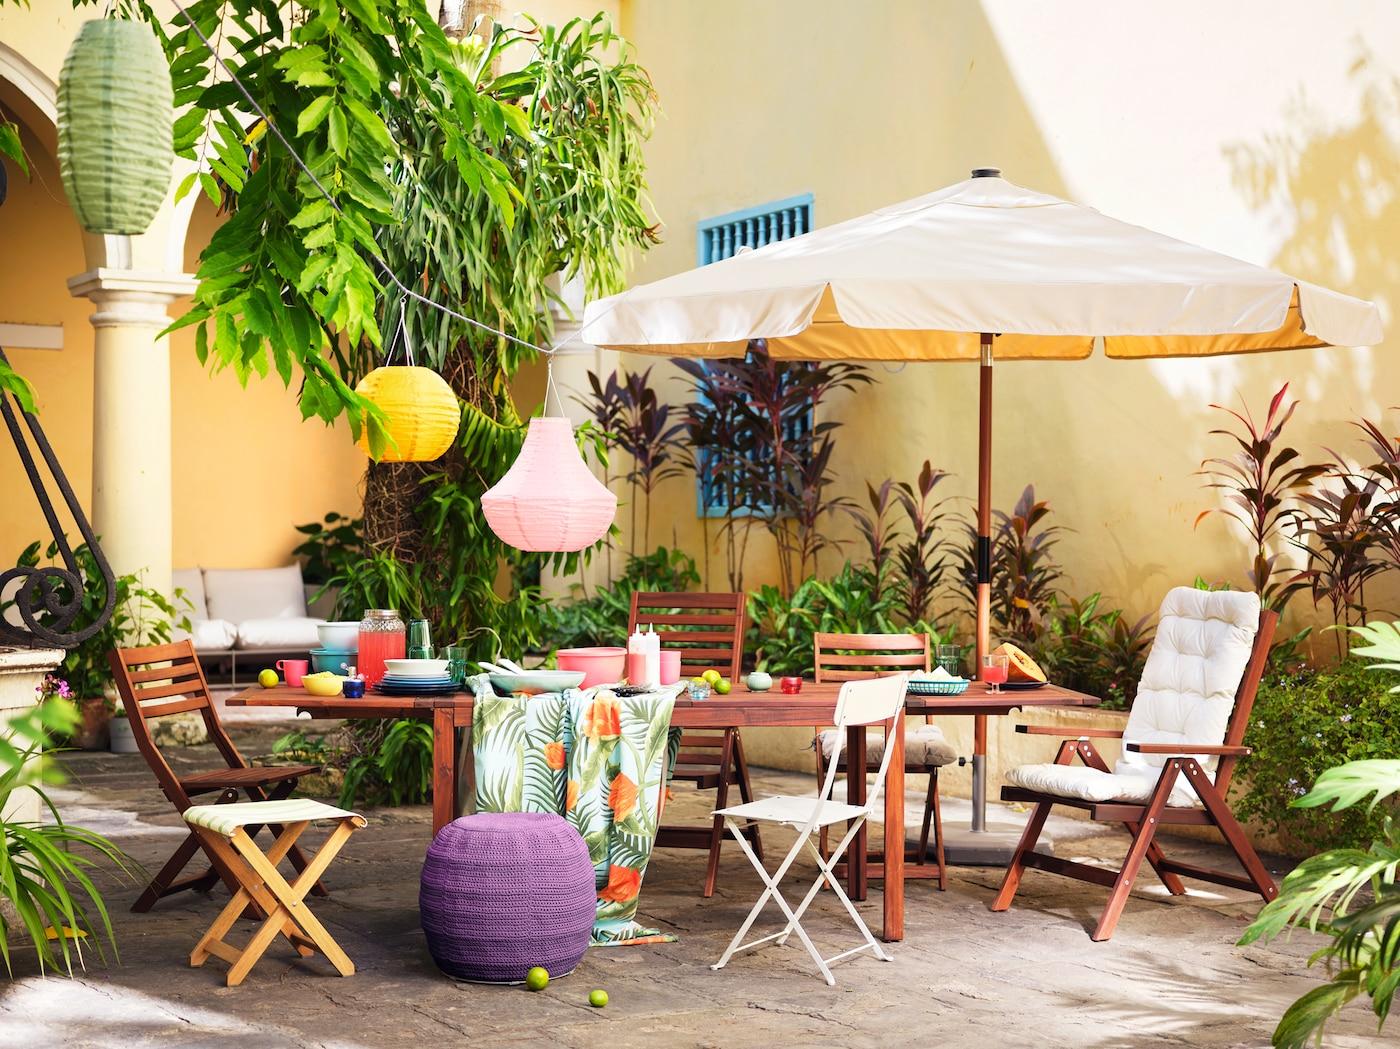 Une table en bois et une grande variété de chaises placées à l'extérieur contre un mur jaune, avec un parasol et des lanternes colorées.